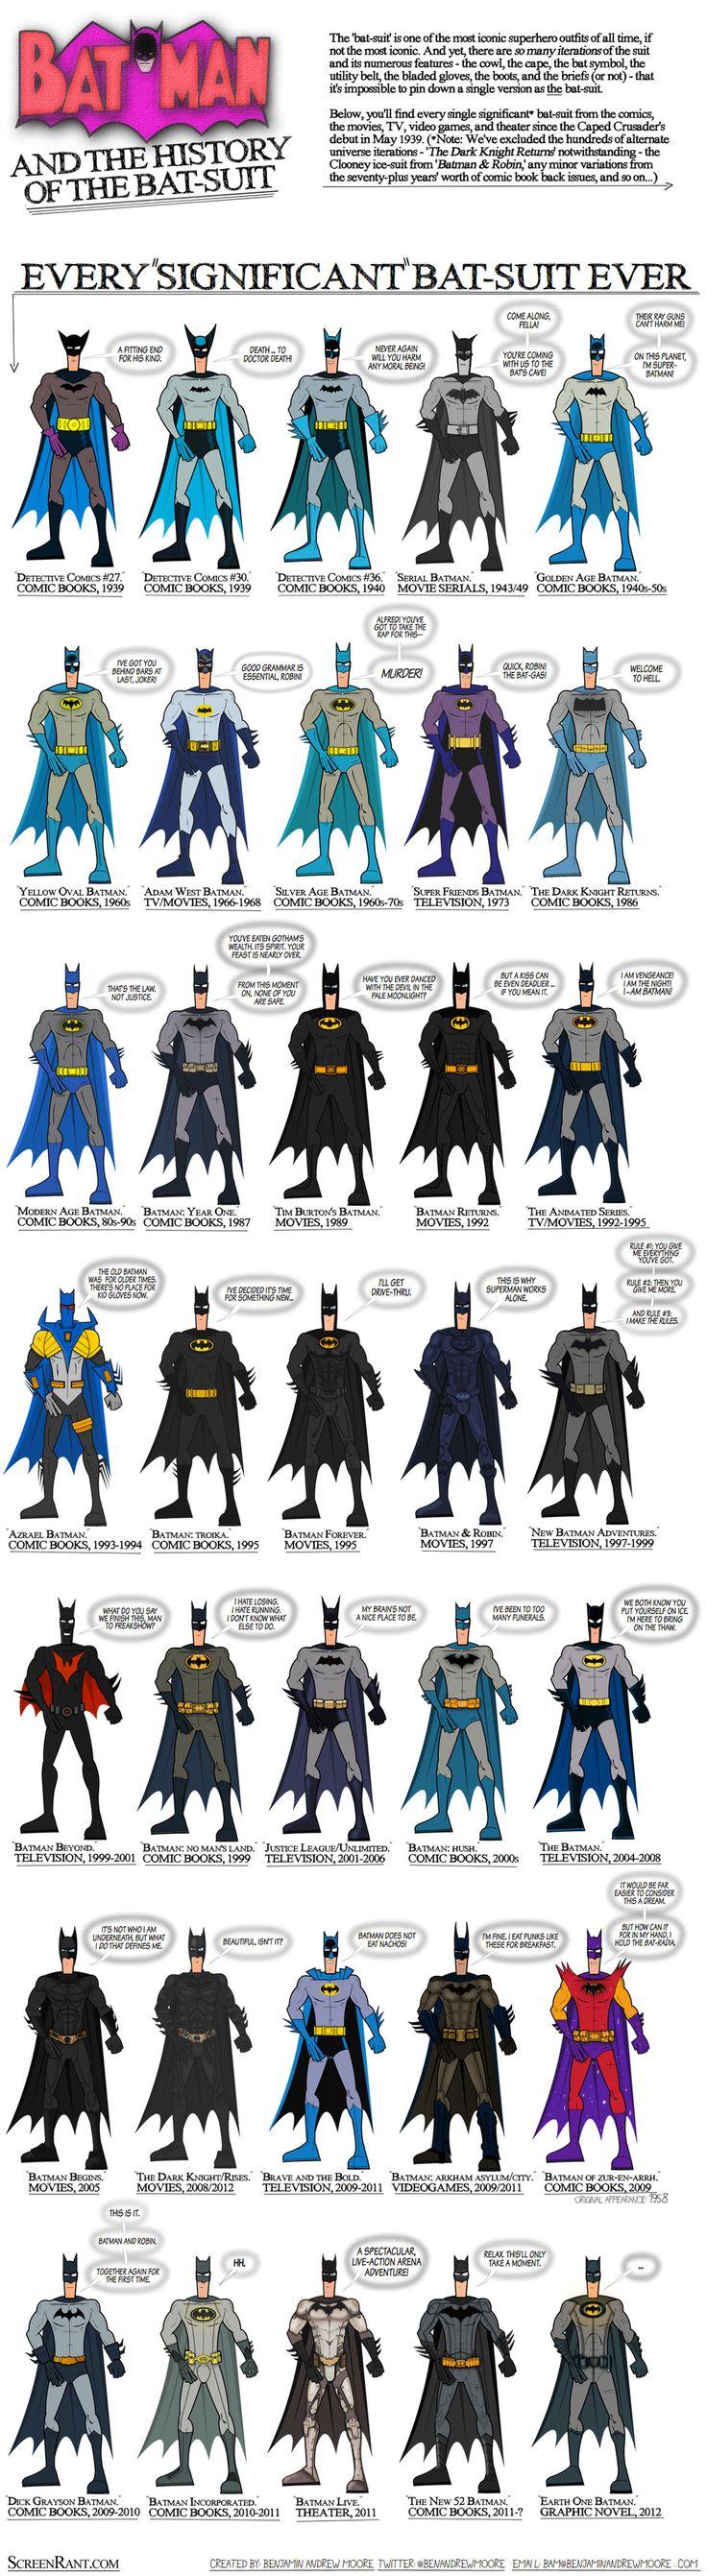 The Batman Suits Timeline